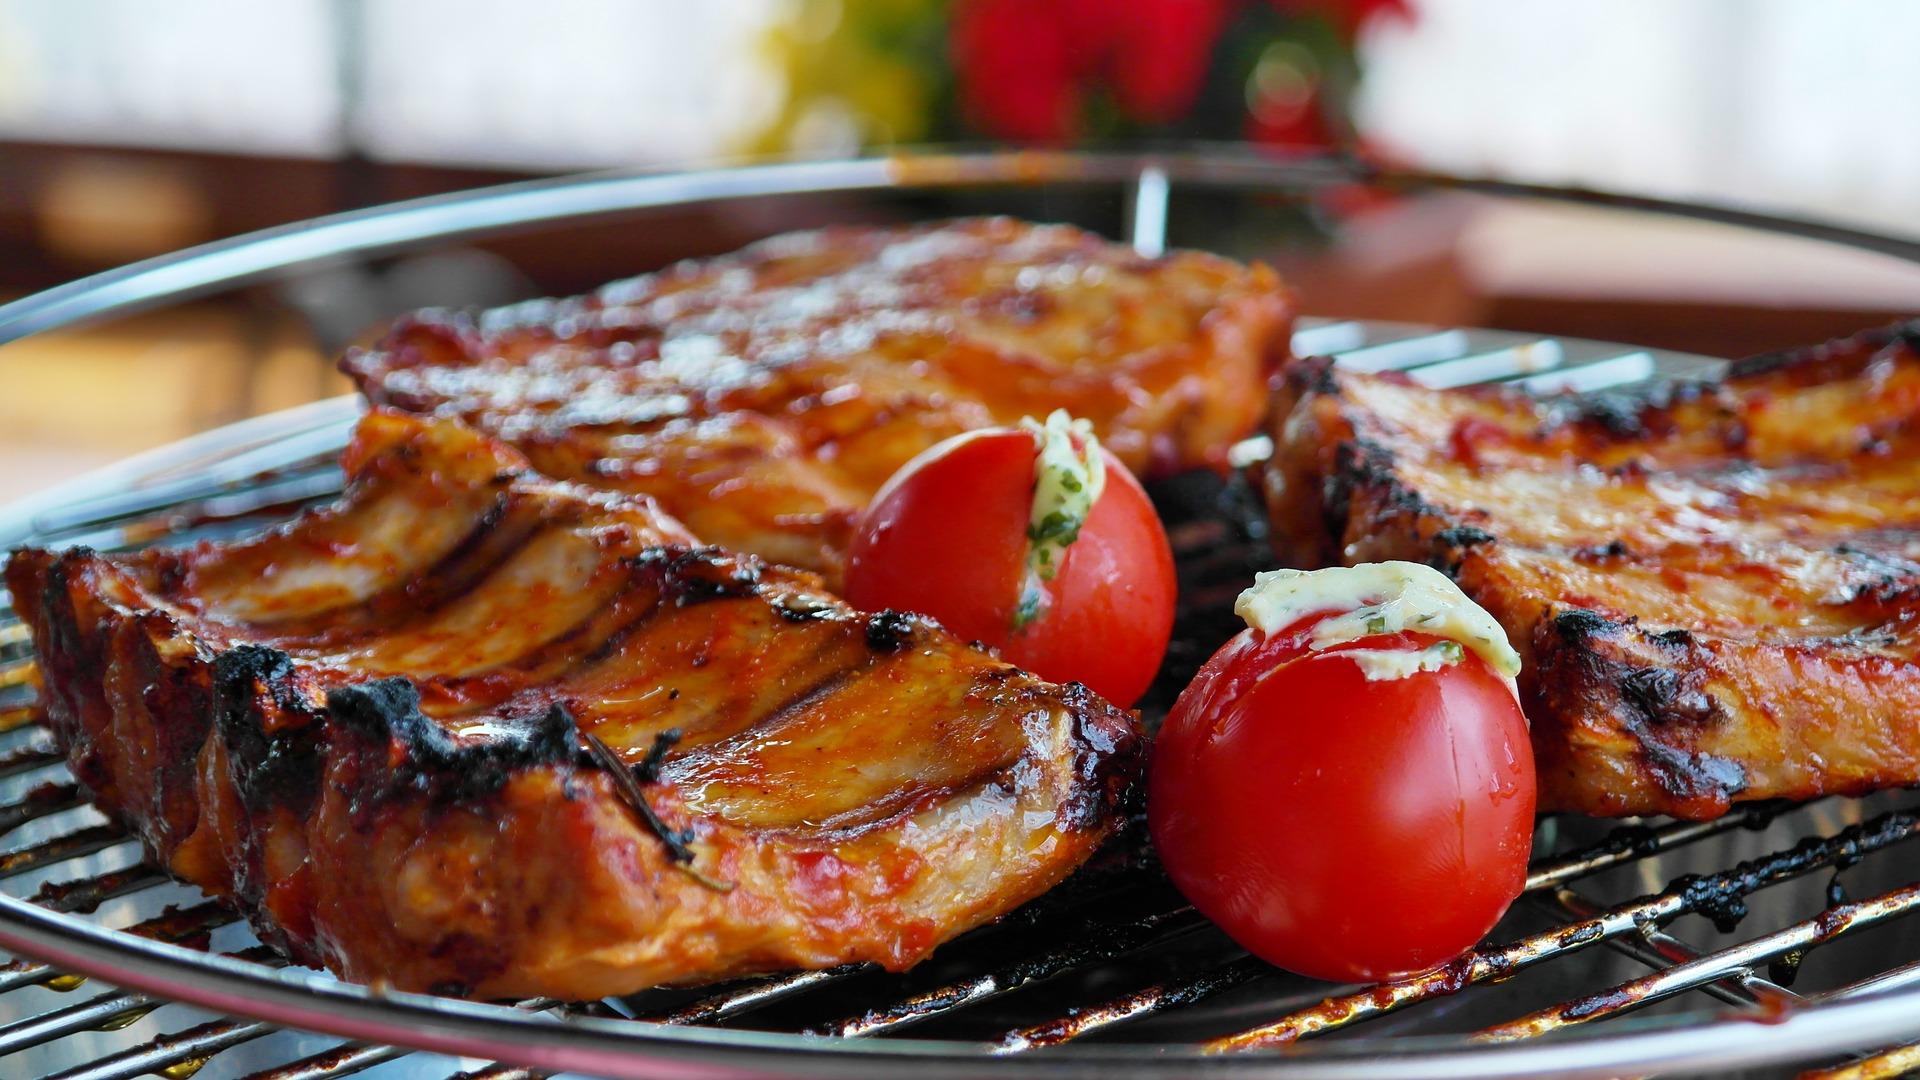 Vepřové maso patří do jídelníčku